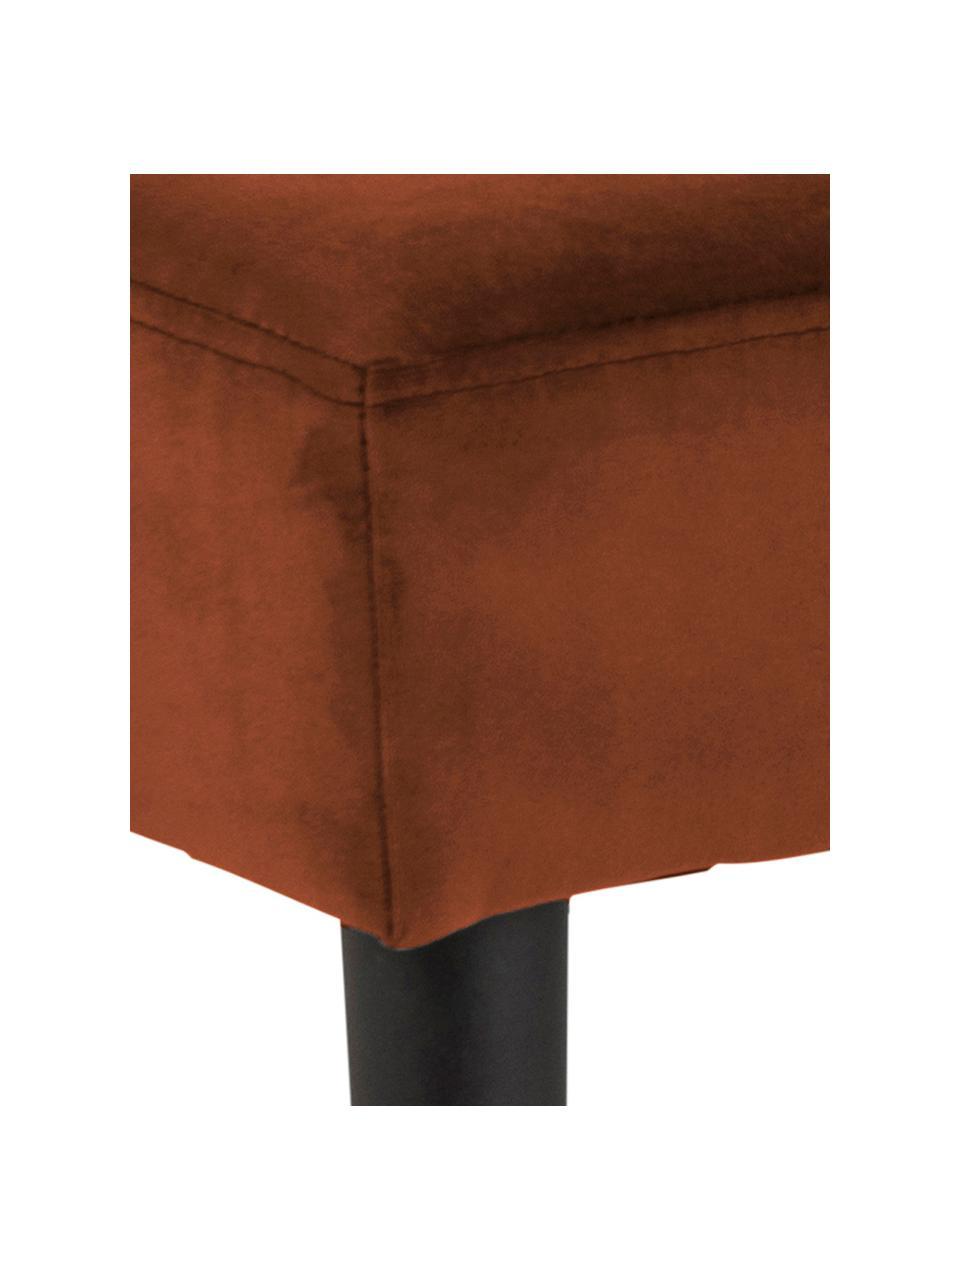 Panca in velluto Glory, Rivestimento: velluto di poliestere 25., Struttura: metallo verniciato a polv, Rame, Larg. 95 x Alt. 45 cm